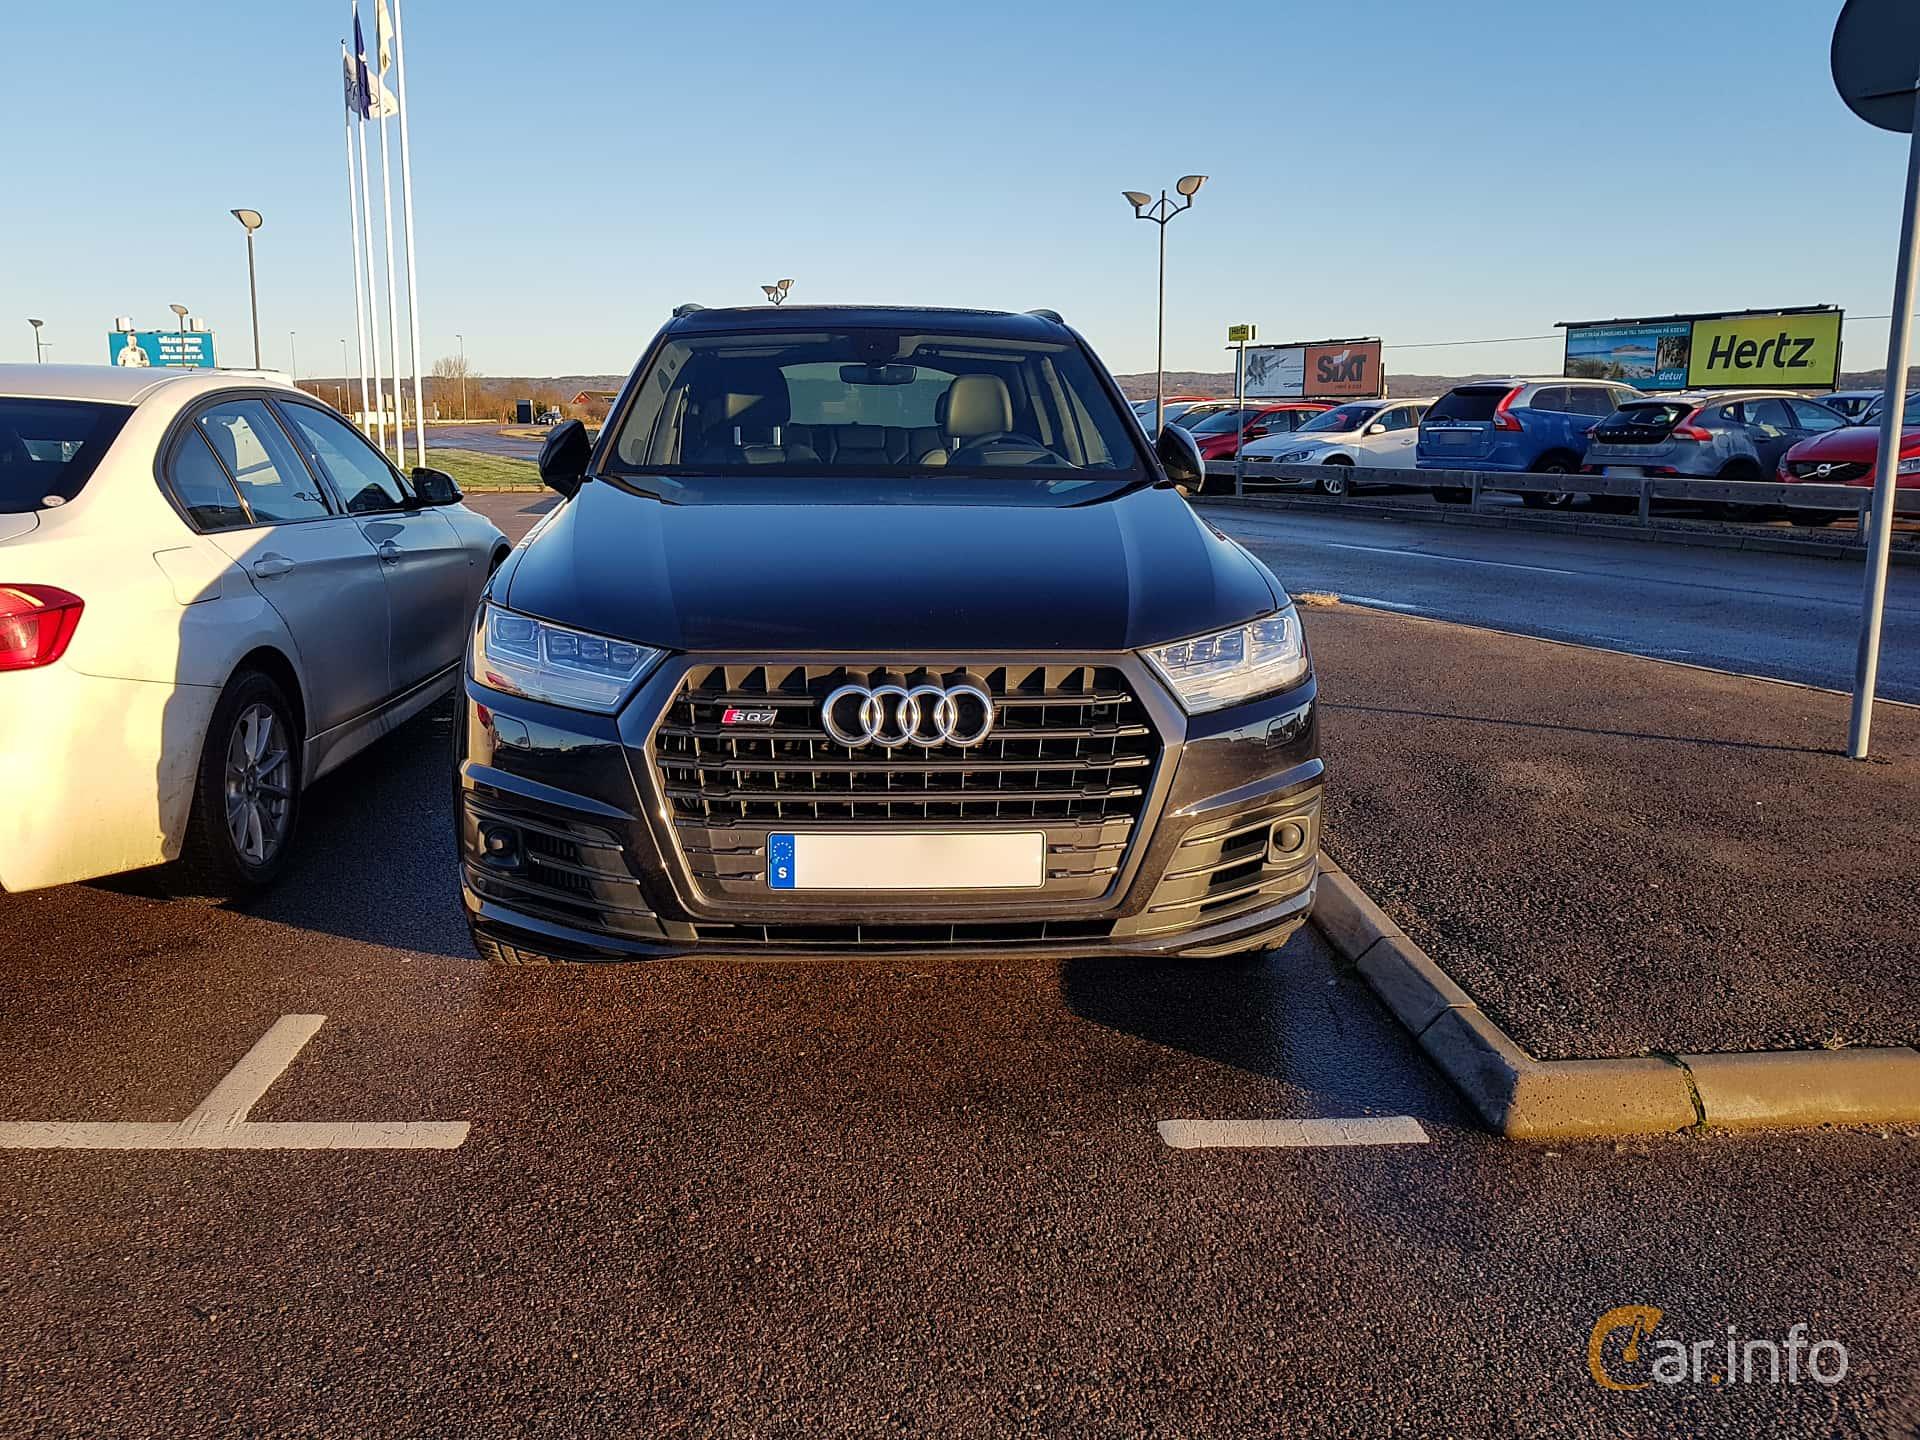 Audi SQ7 4.0 TDI V8 quattro TipTronic, 435hk, 2017